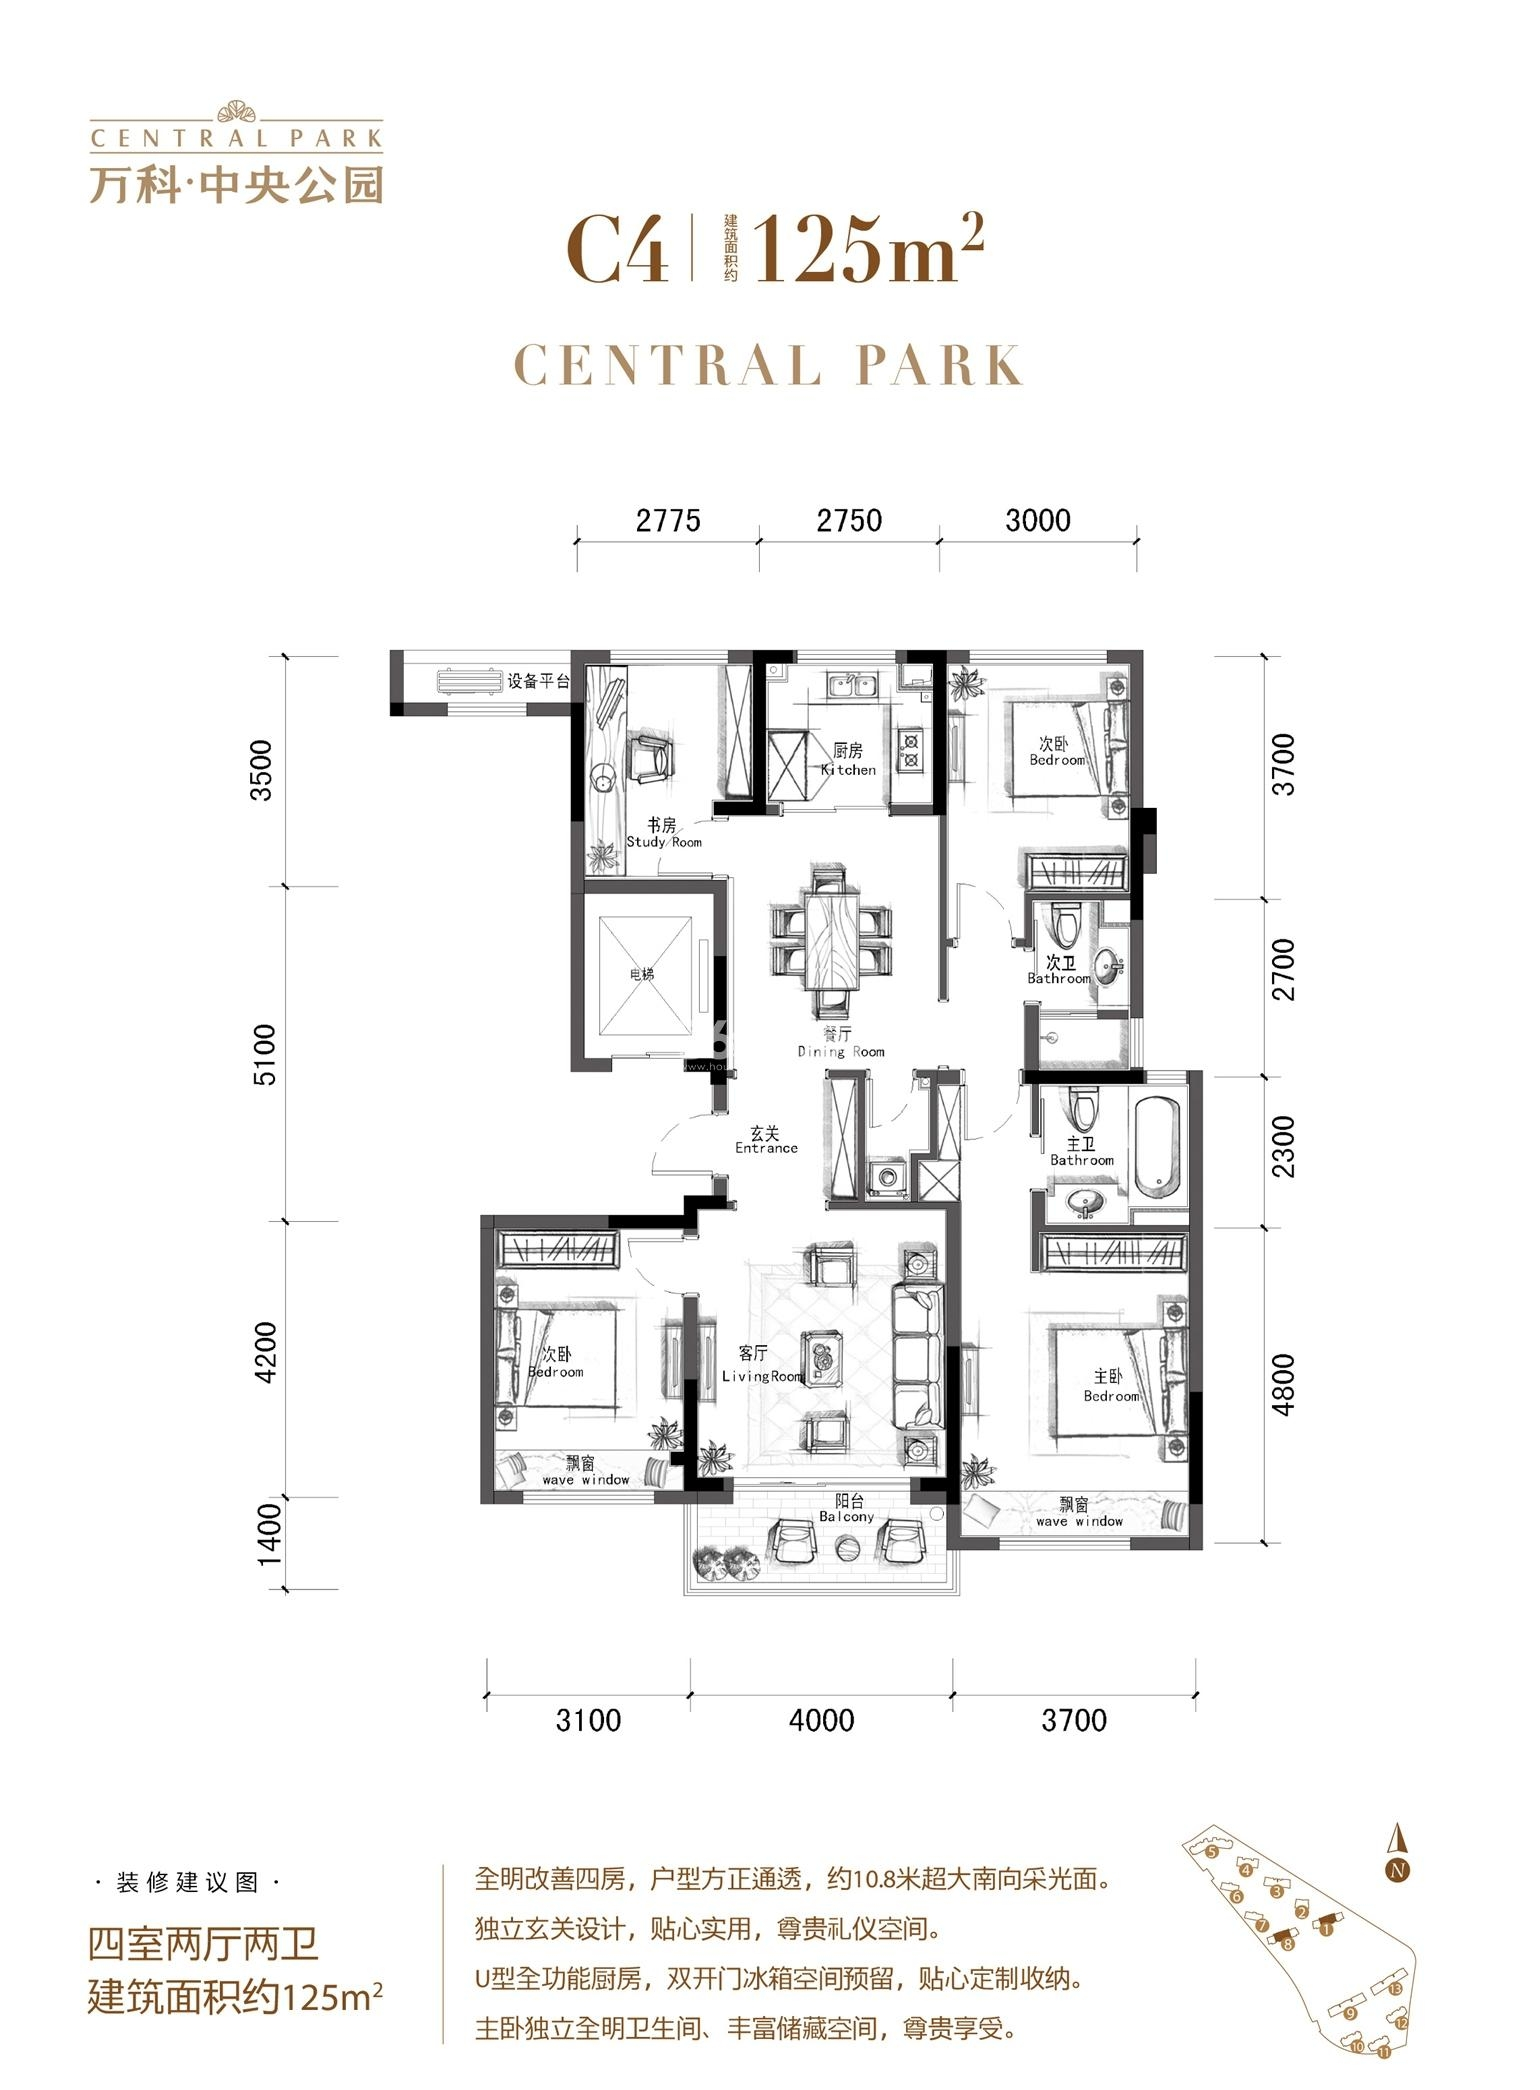 万科中央公园C4户型图125方(1、2、8、9、13号楼)